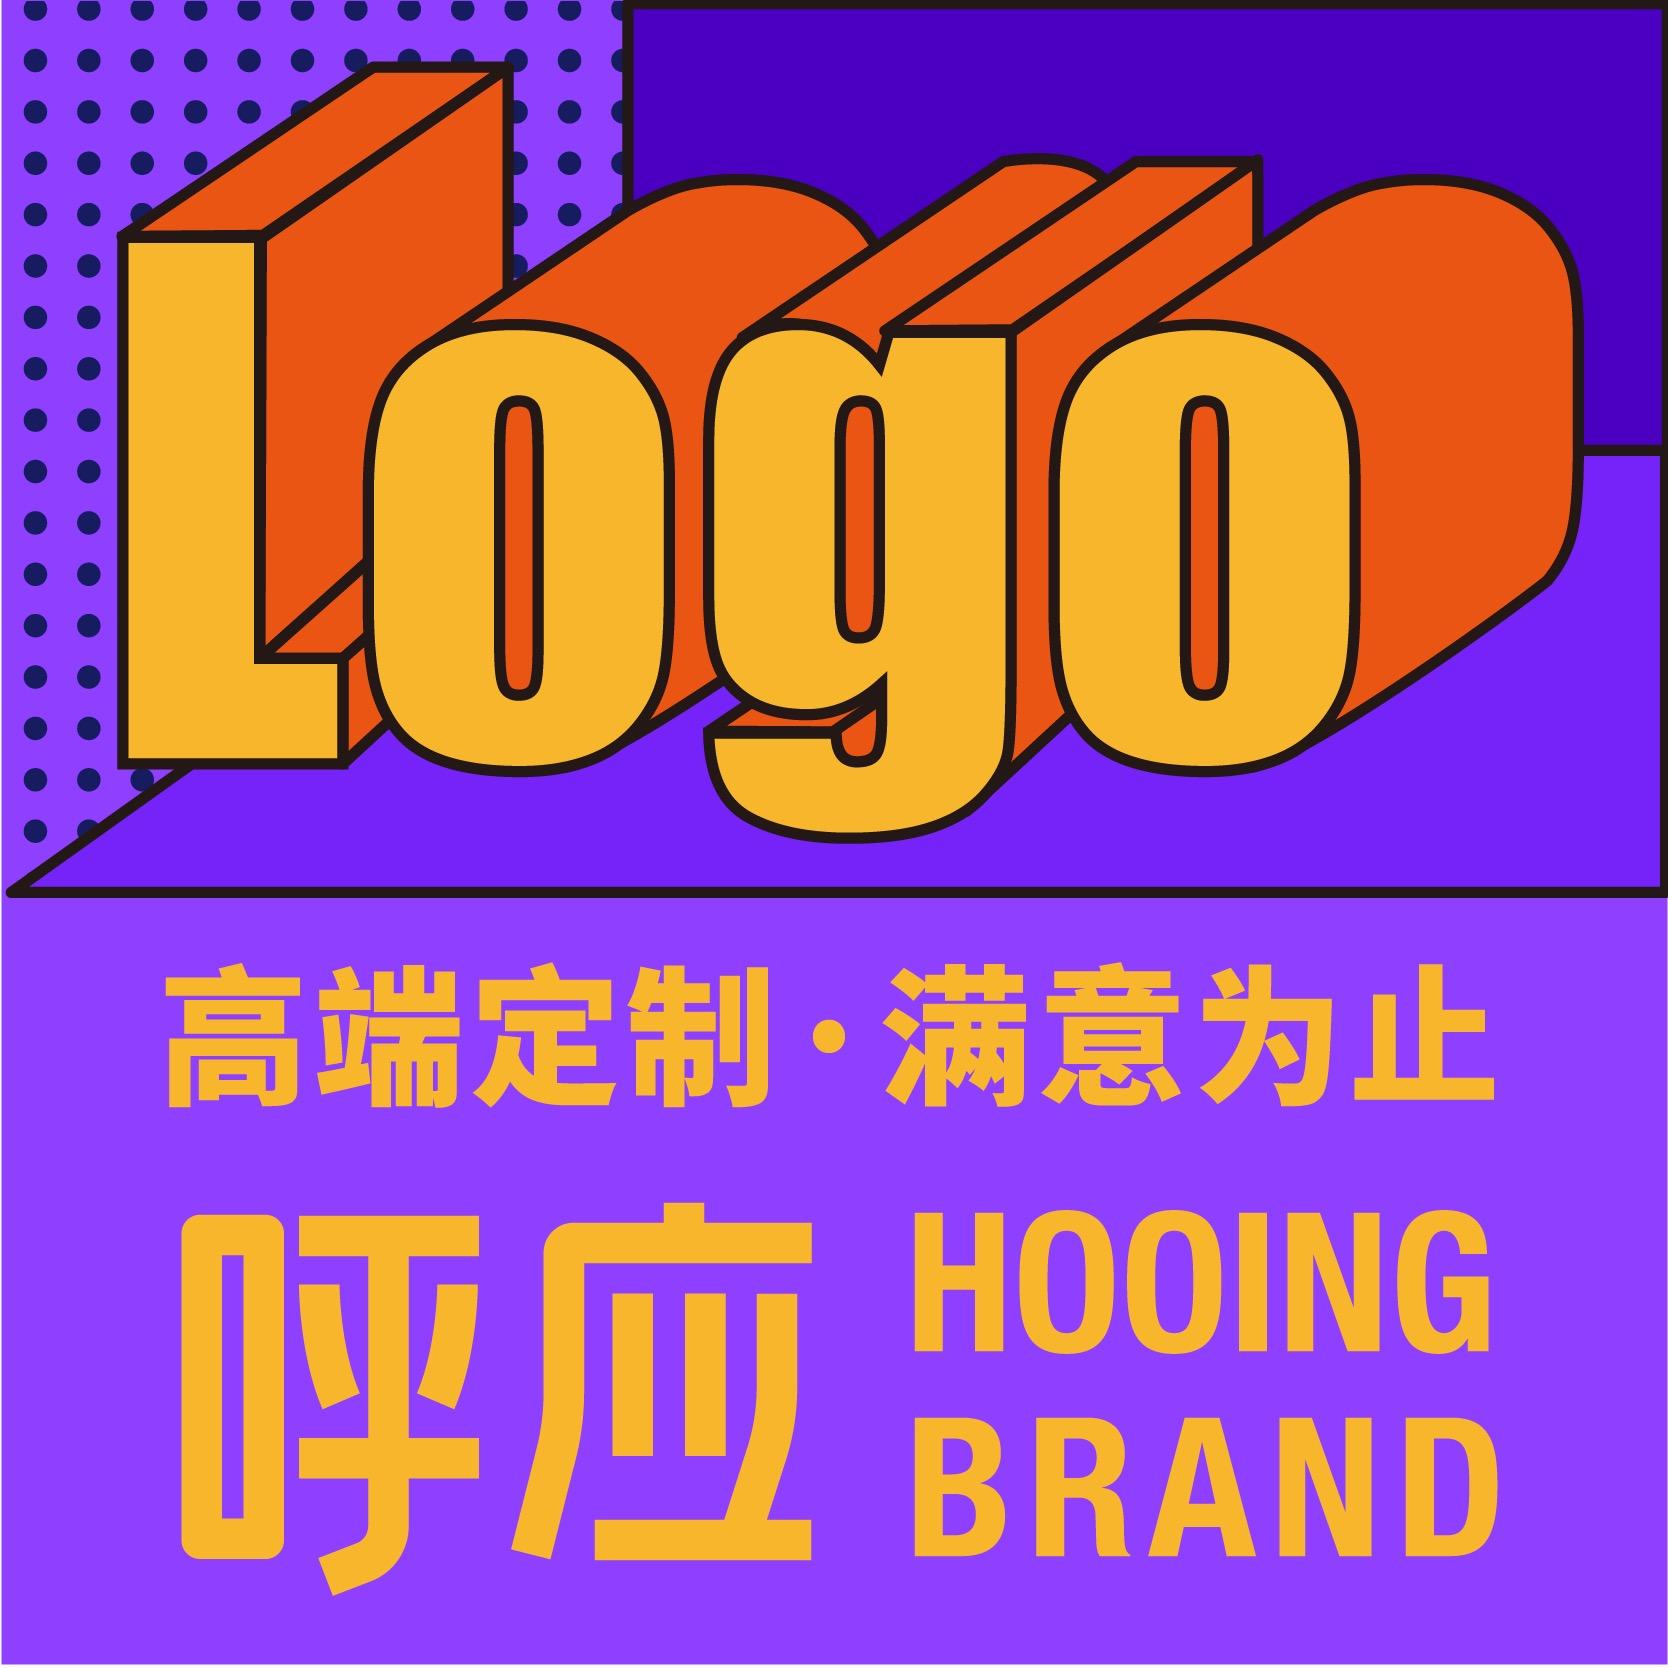 企业餐饮LOGO地产娱乐旅游酒店互联网公司原创LOGO设计